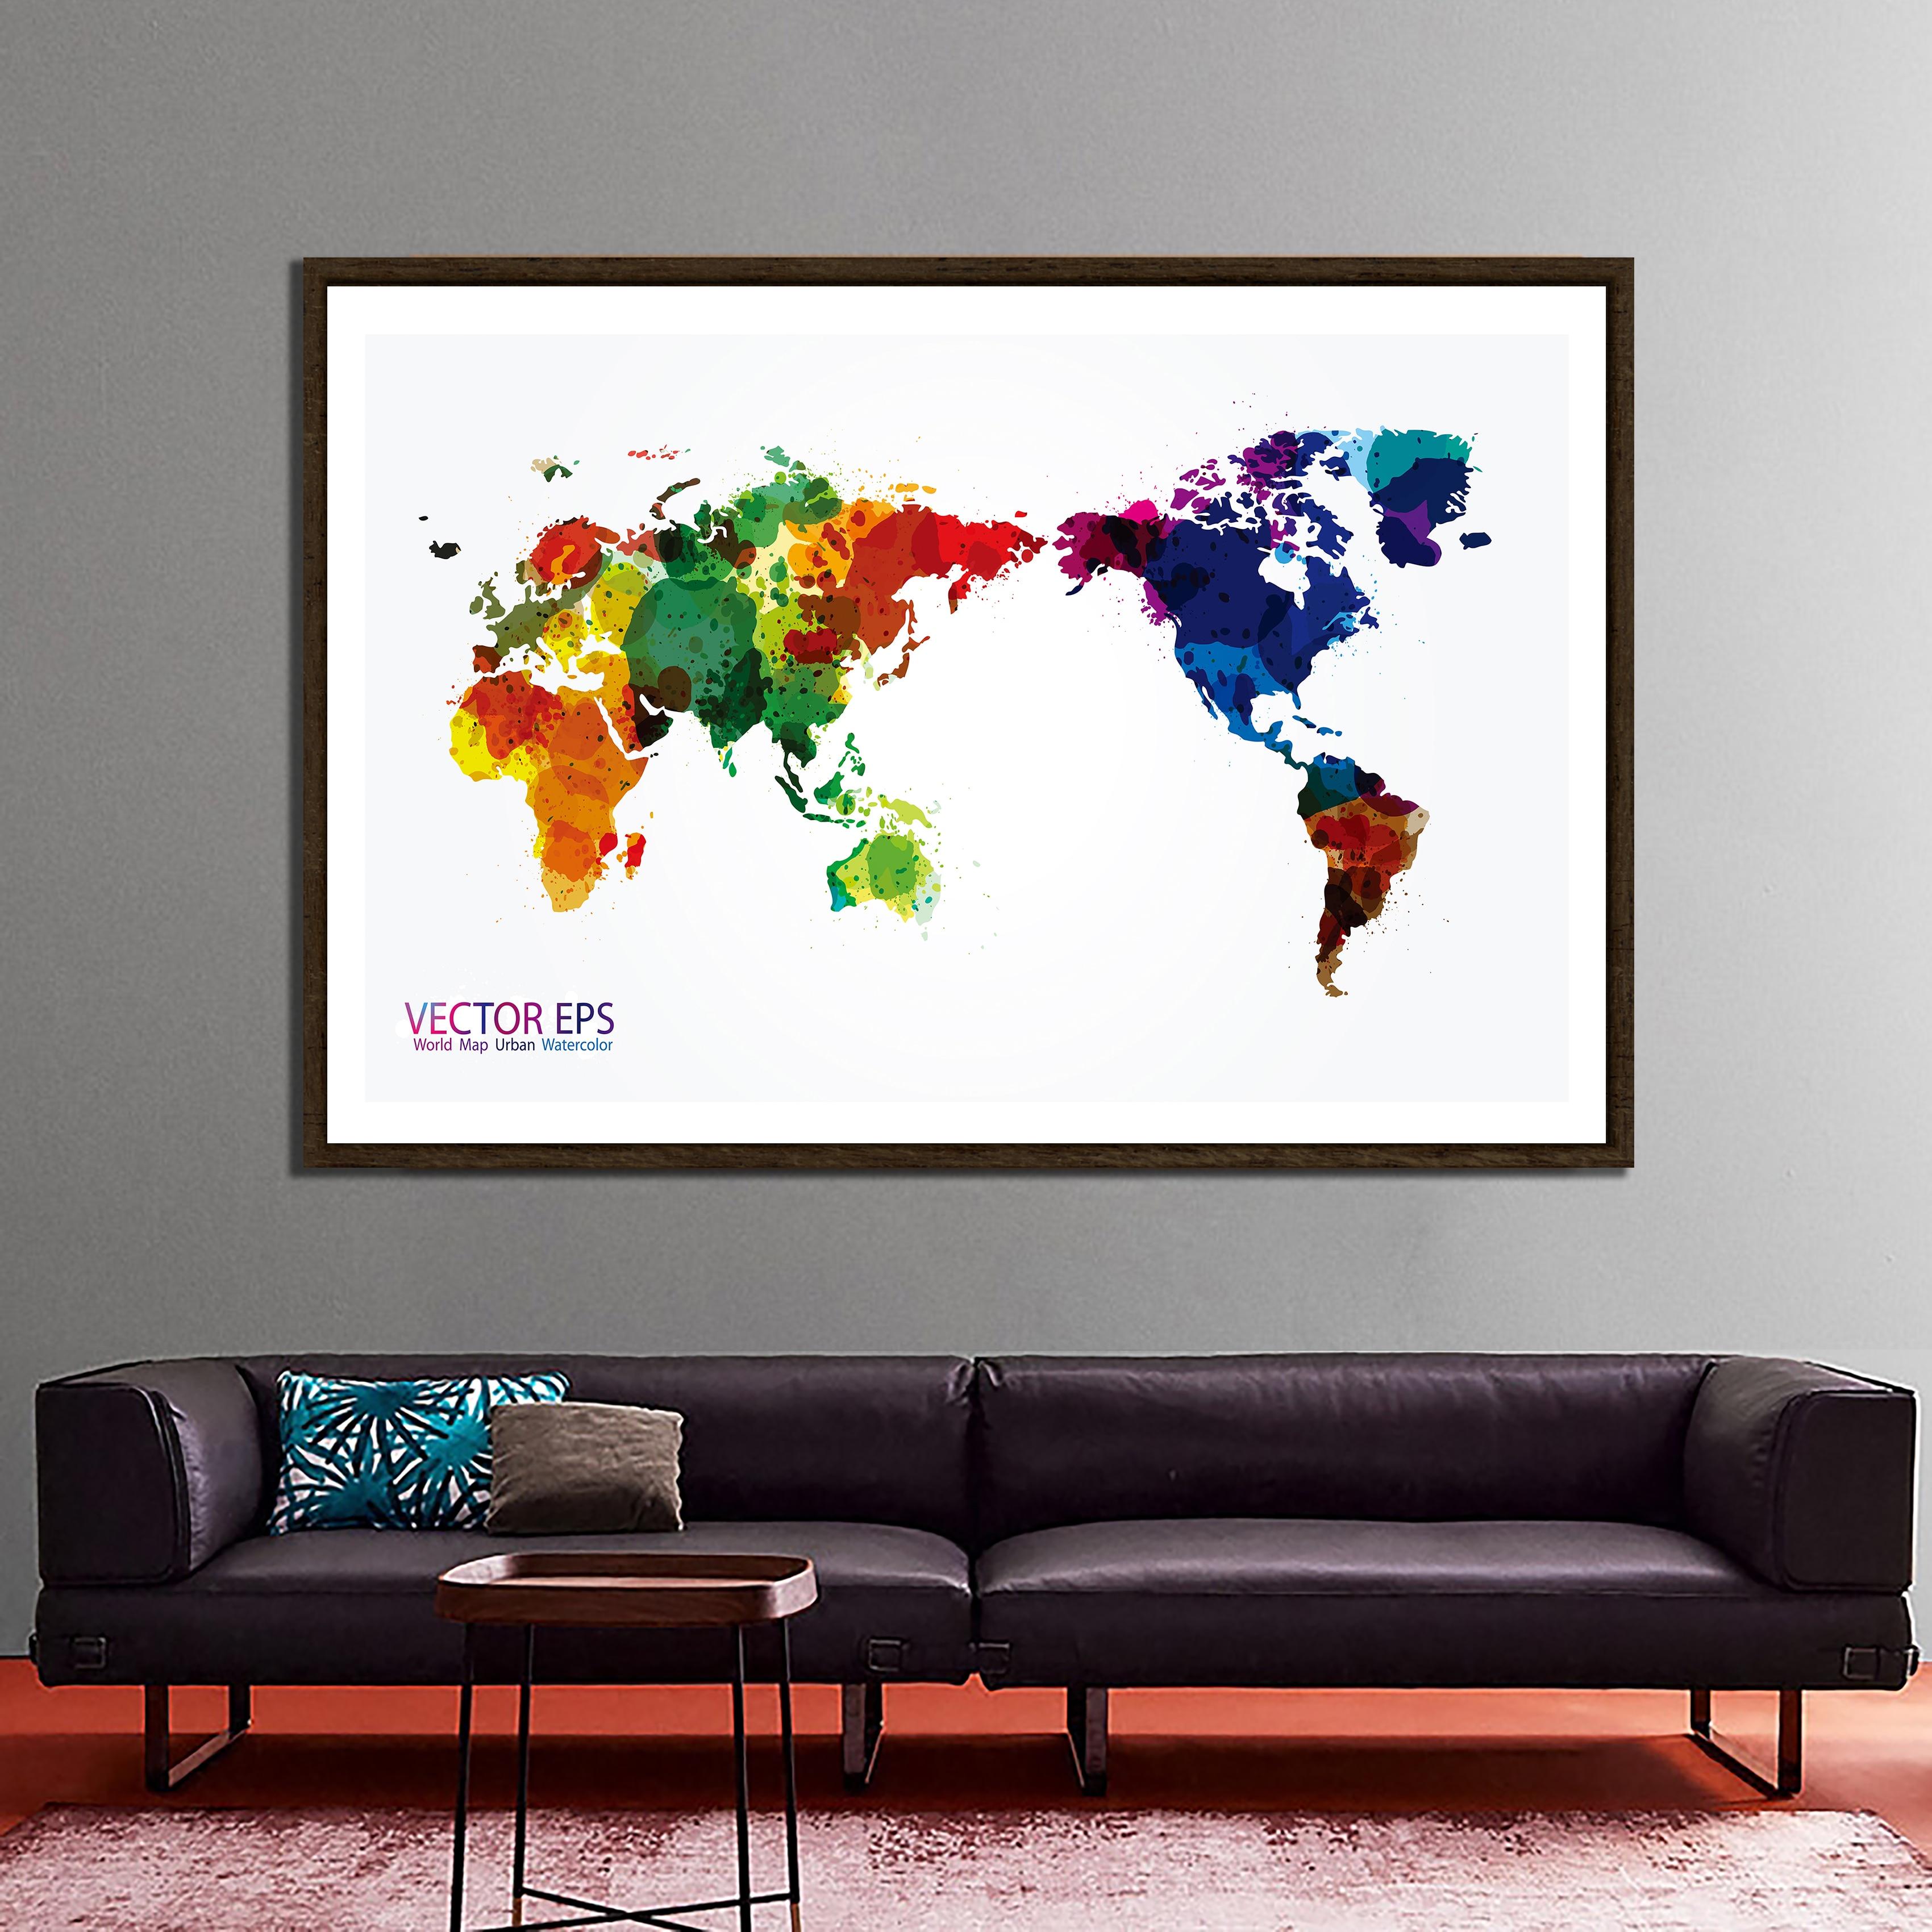 150x225cm VECTOR EPS World Map Urban Watercolor Home Office Wall Decor World Map Non-woven DIY World Map